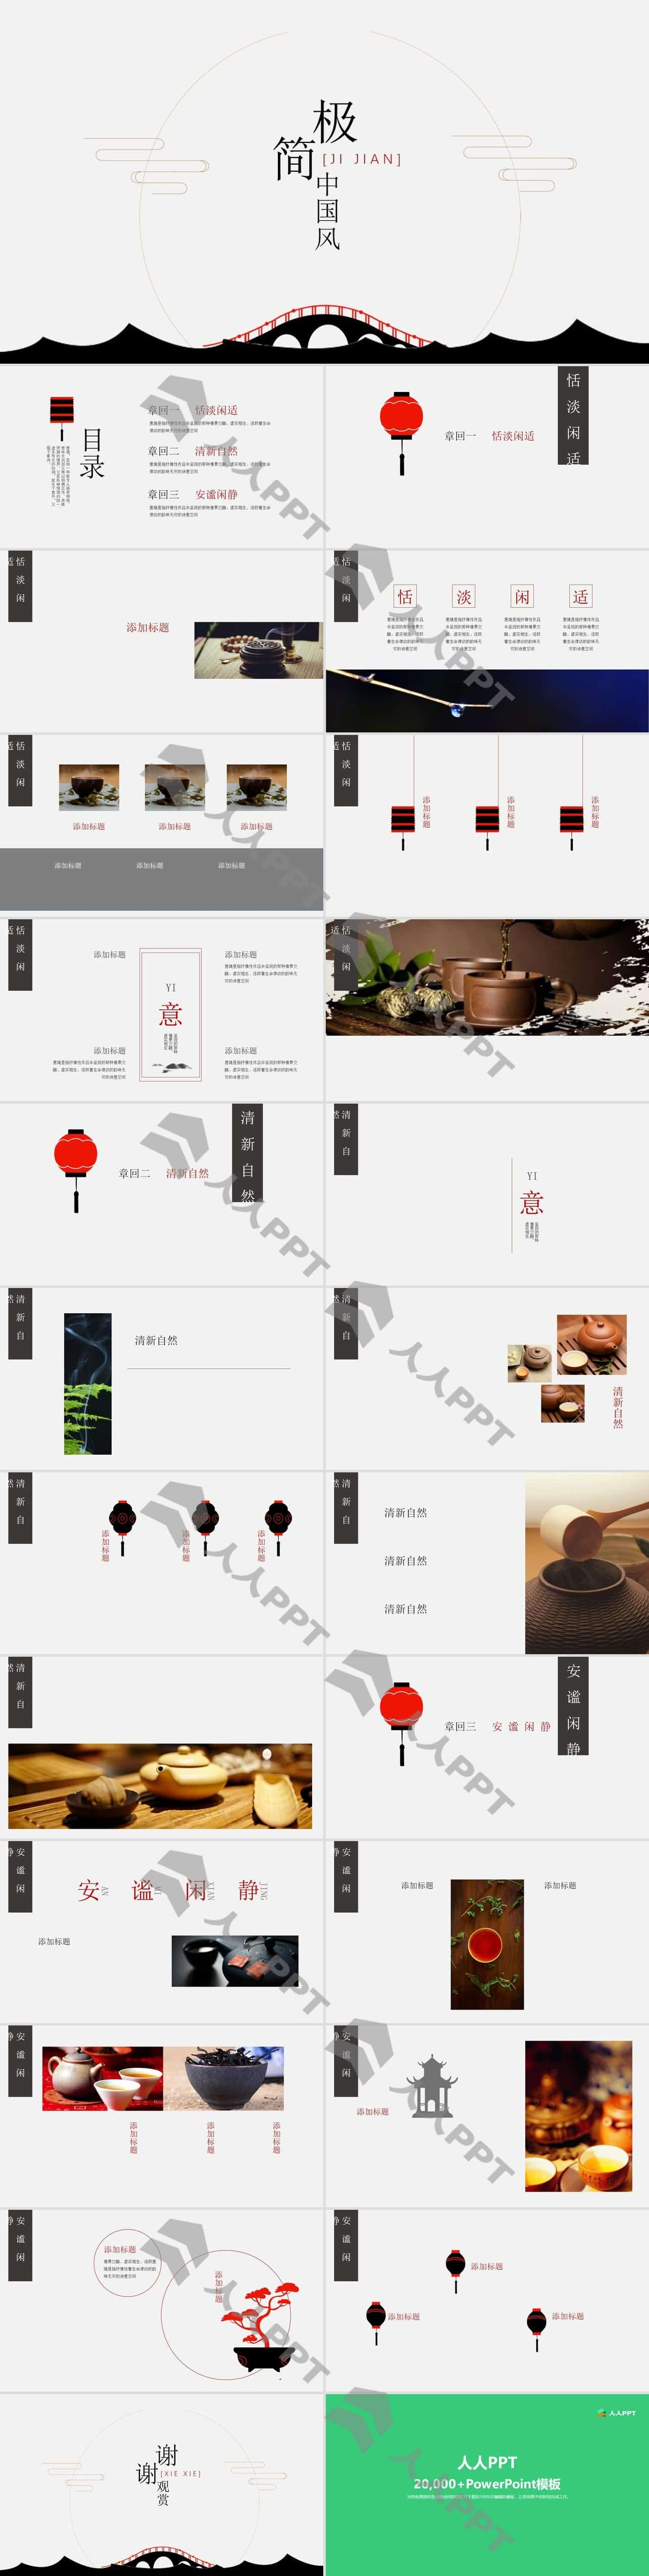 简约雅致中国风PPT模板长图